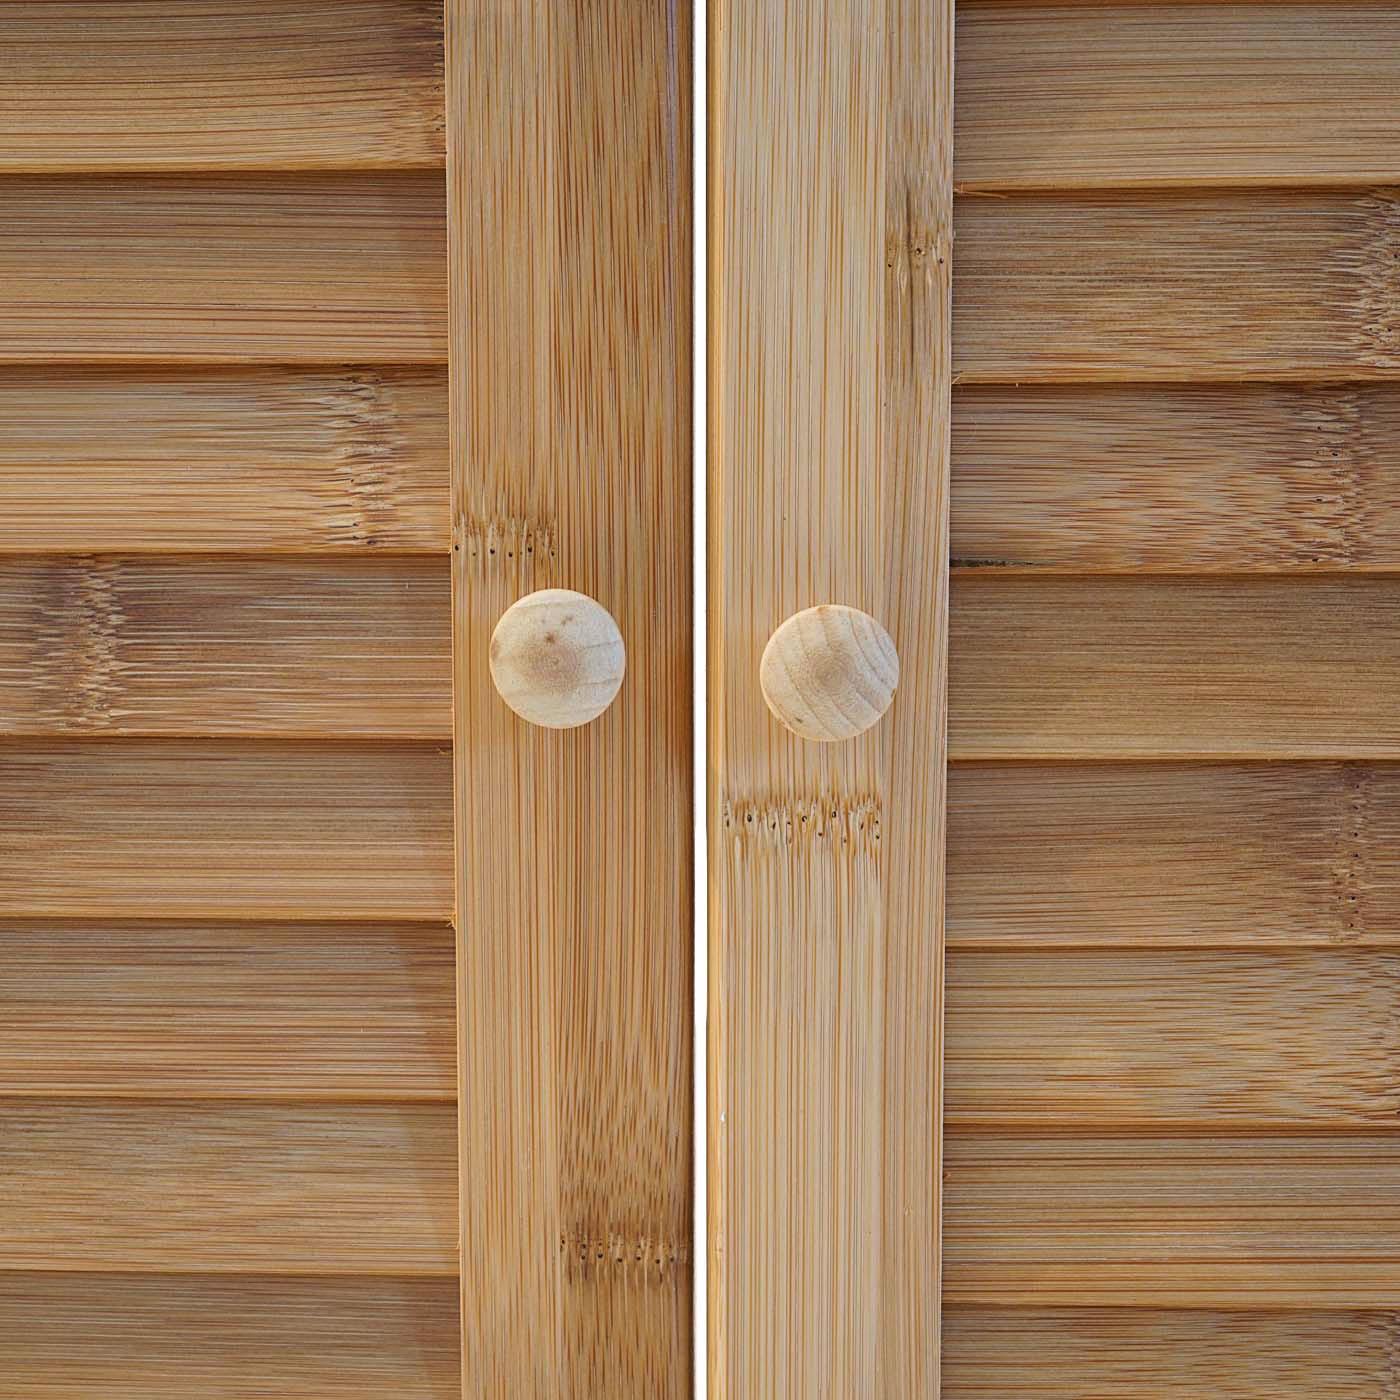 badezimmer badschrank waschbeckenunterschrank hwc b18 bambus 60x67x30cm ebay. Black Bedroom Furniture Sets. Home Design Ideas